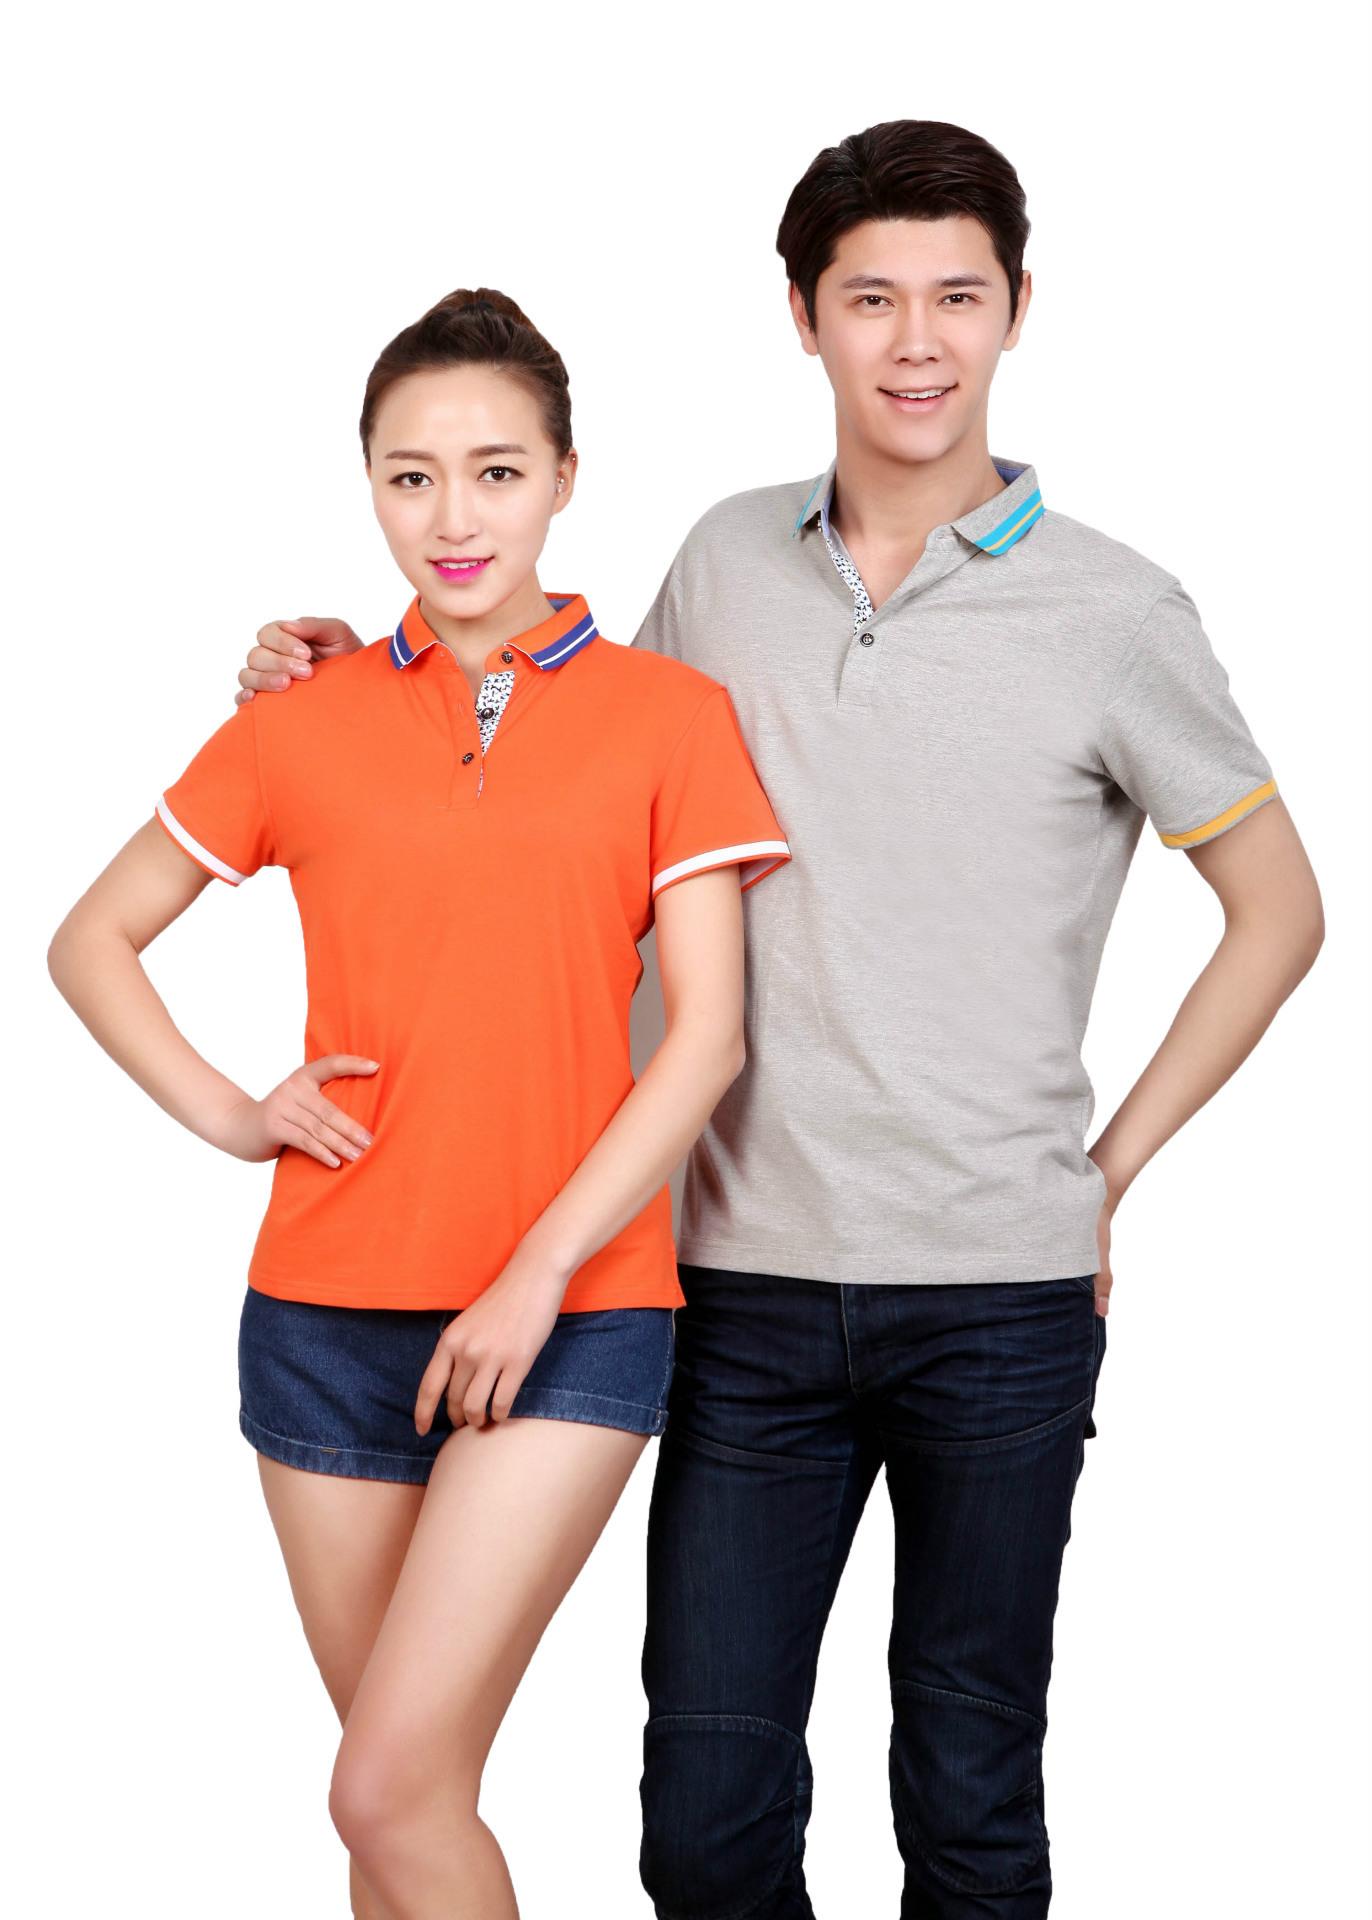 关于T恤衫的相关知识你了解吗?怎样搭配?